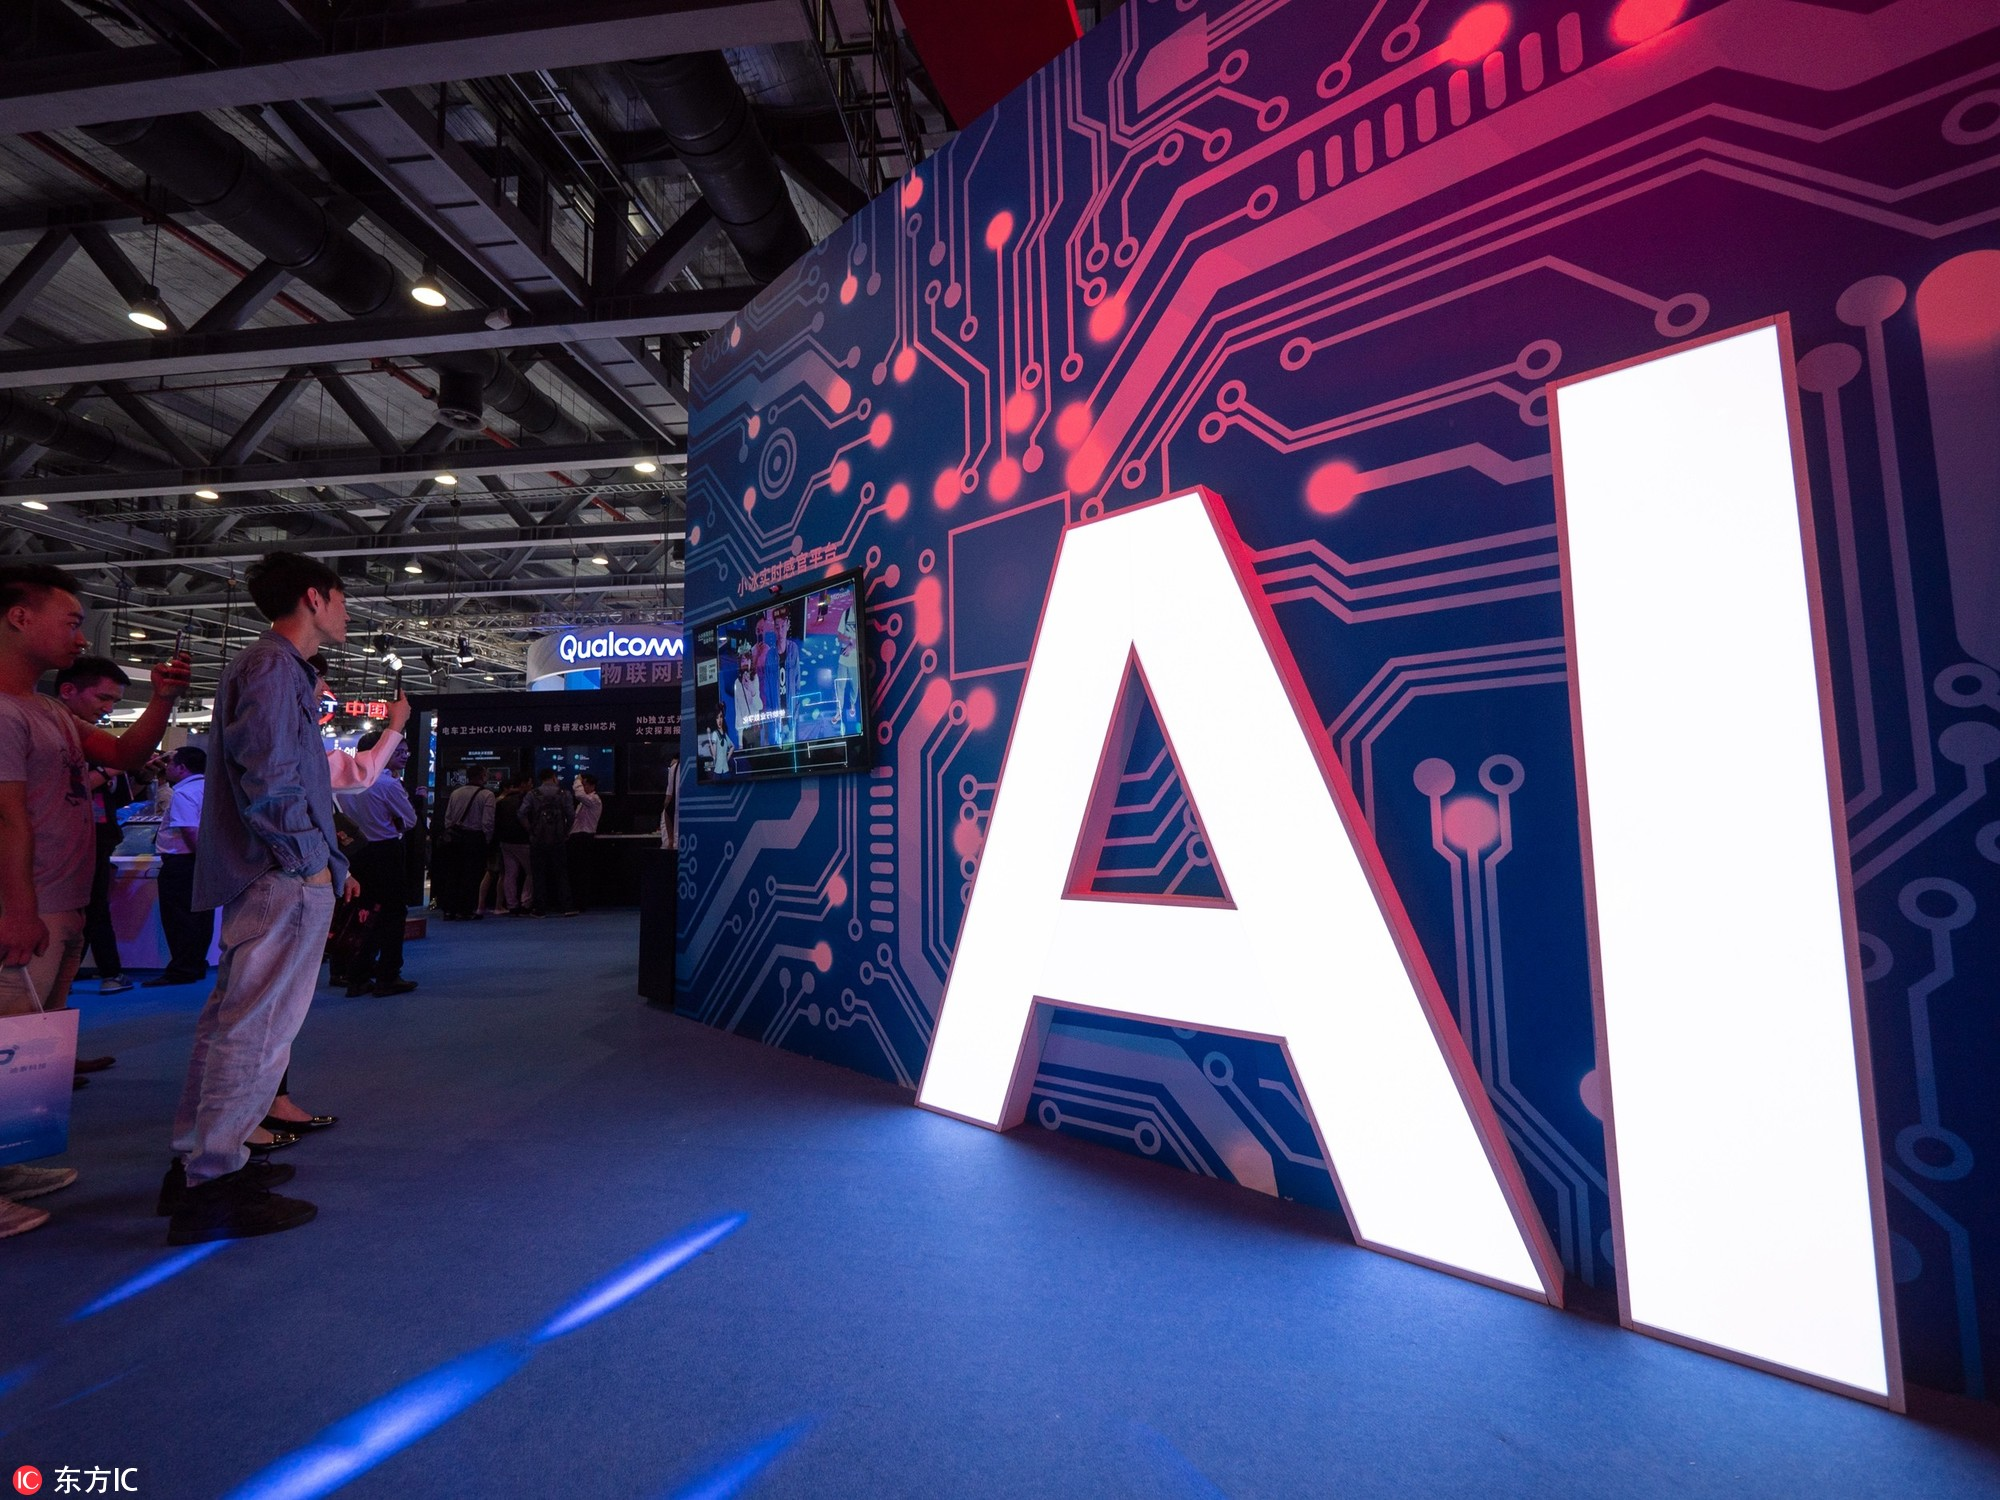 王小川:搜狗战略将围绕三方向展开,在AI方面将投入更大力度